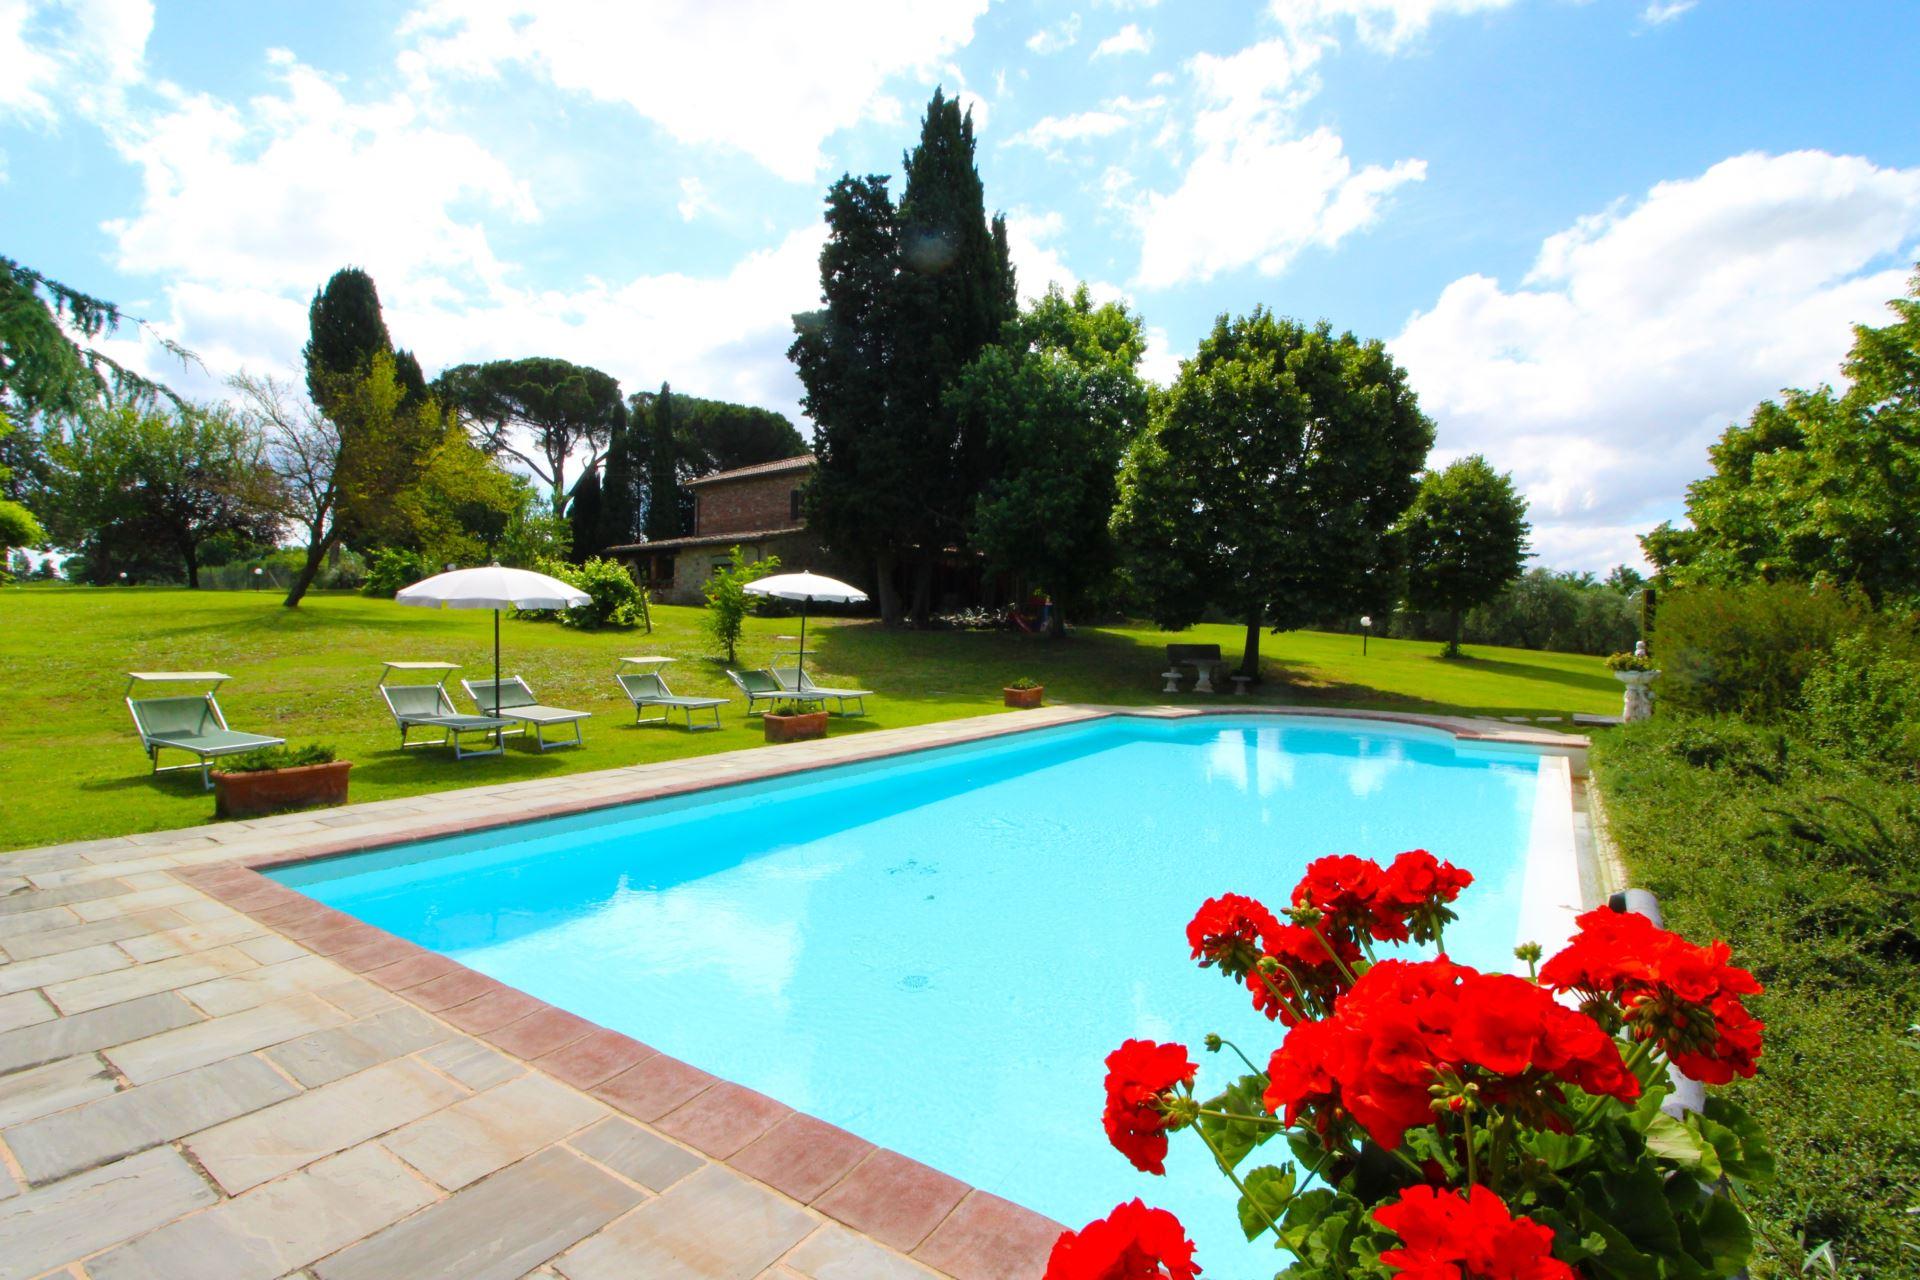 Villa / house Cecilia to rent in Castiglion Fiorentino